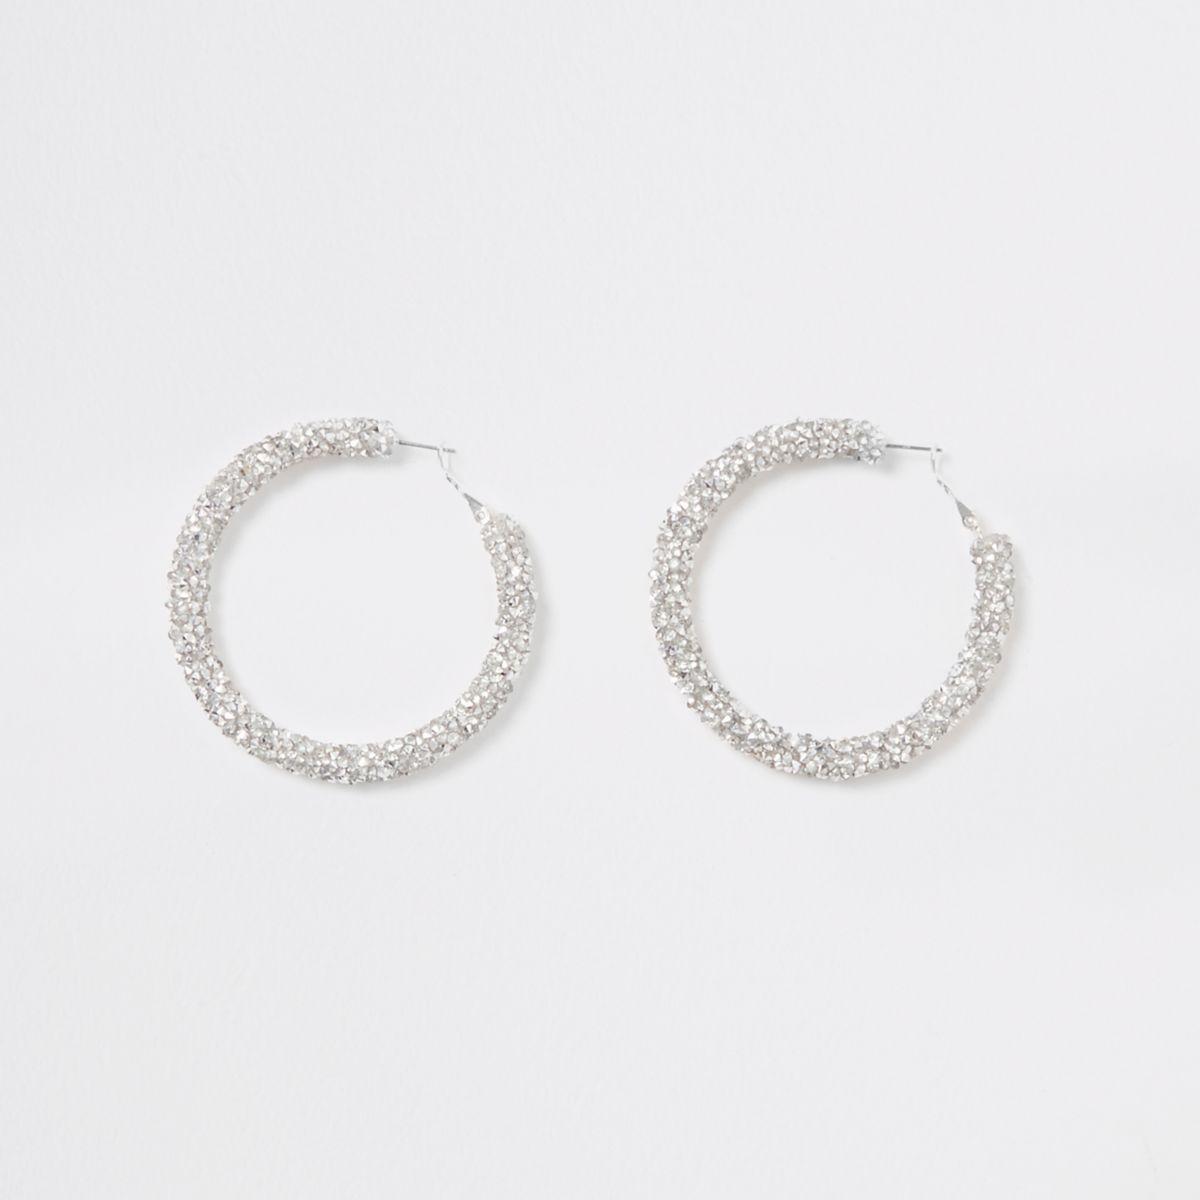 Silver tone rhinestone encrusted hoop earrings